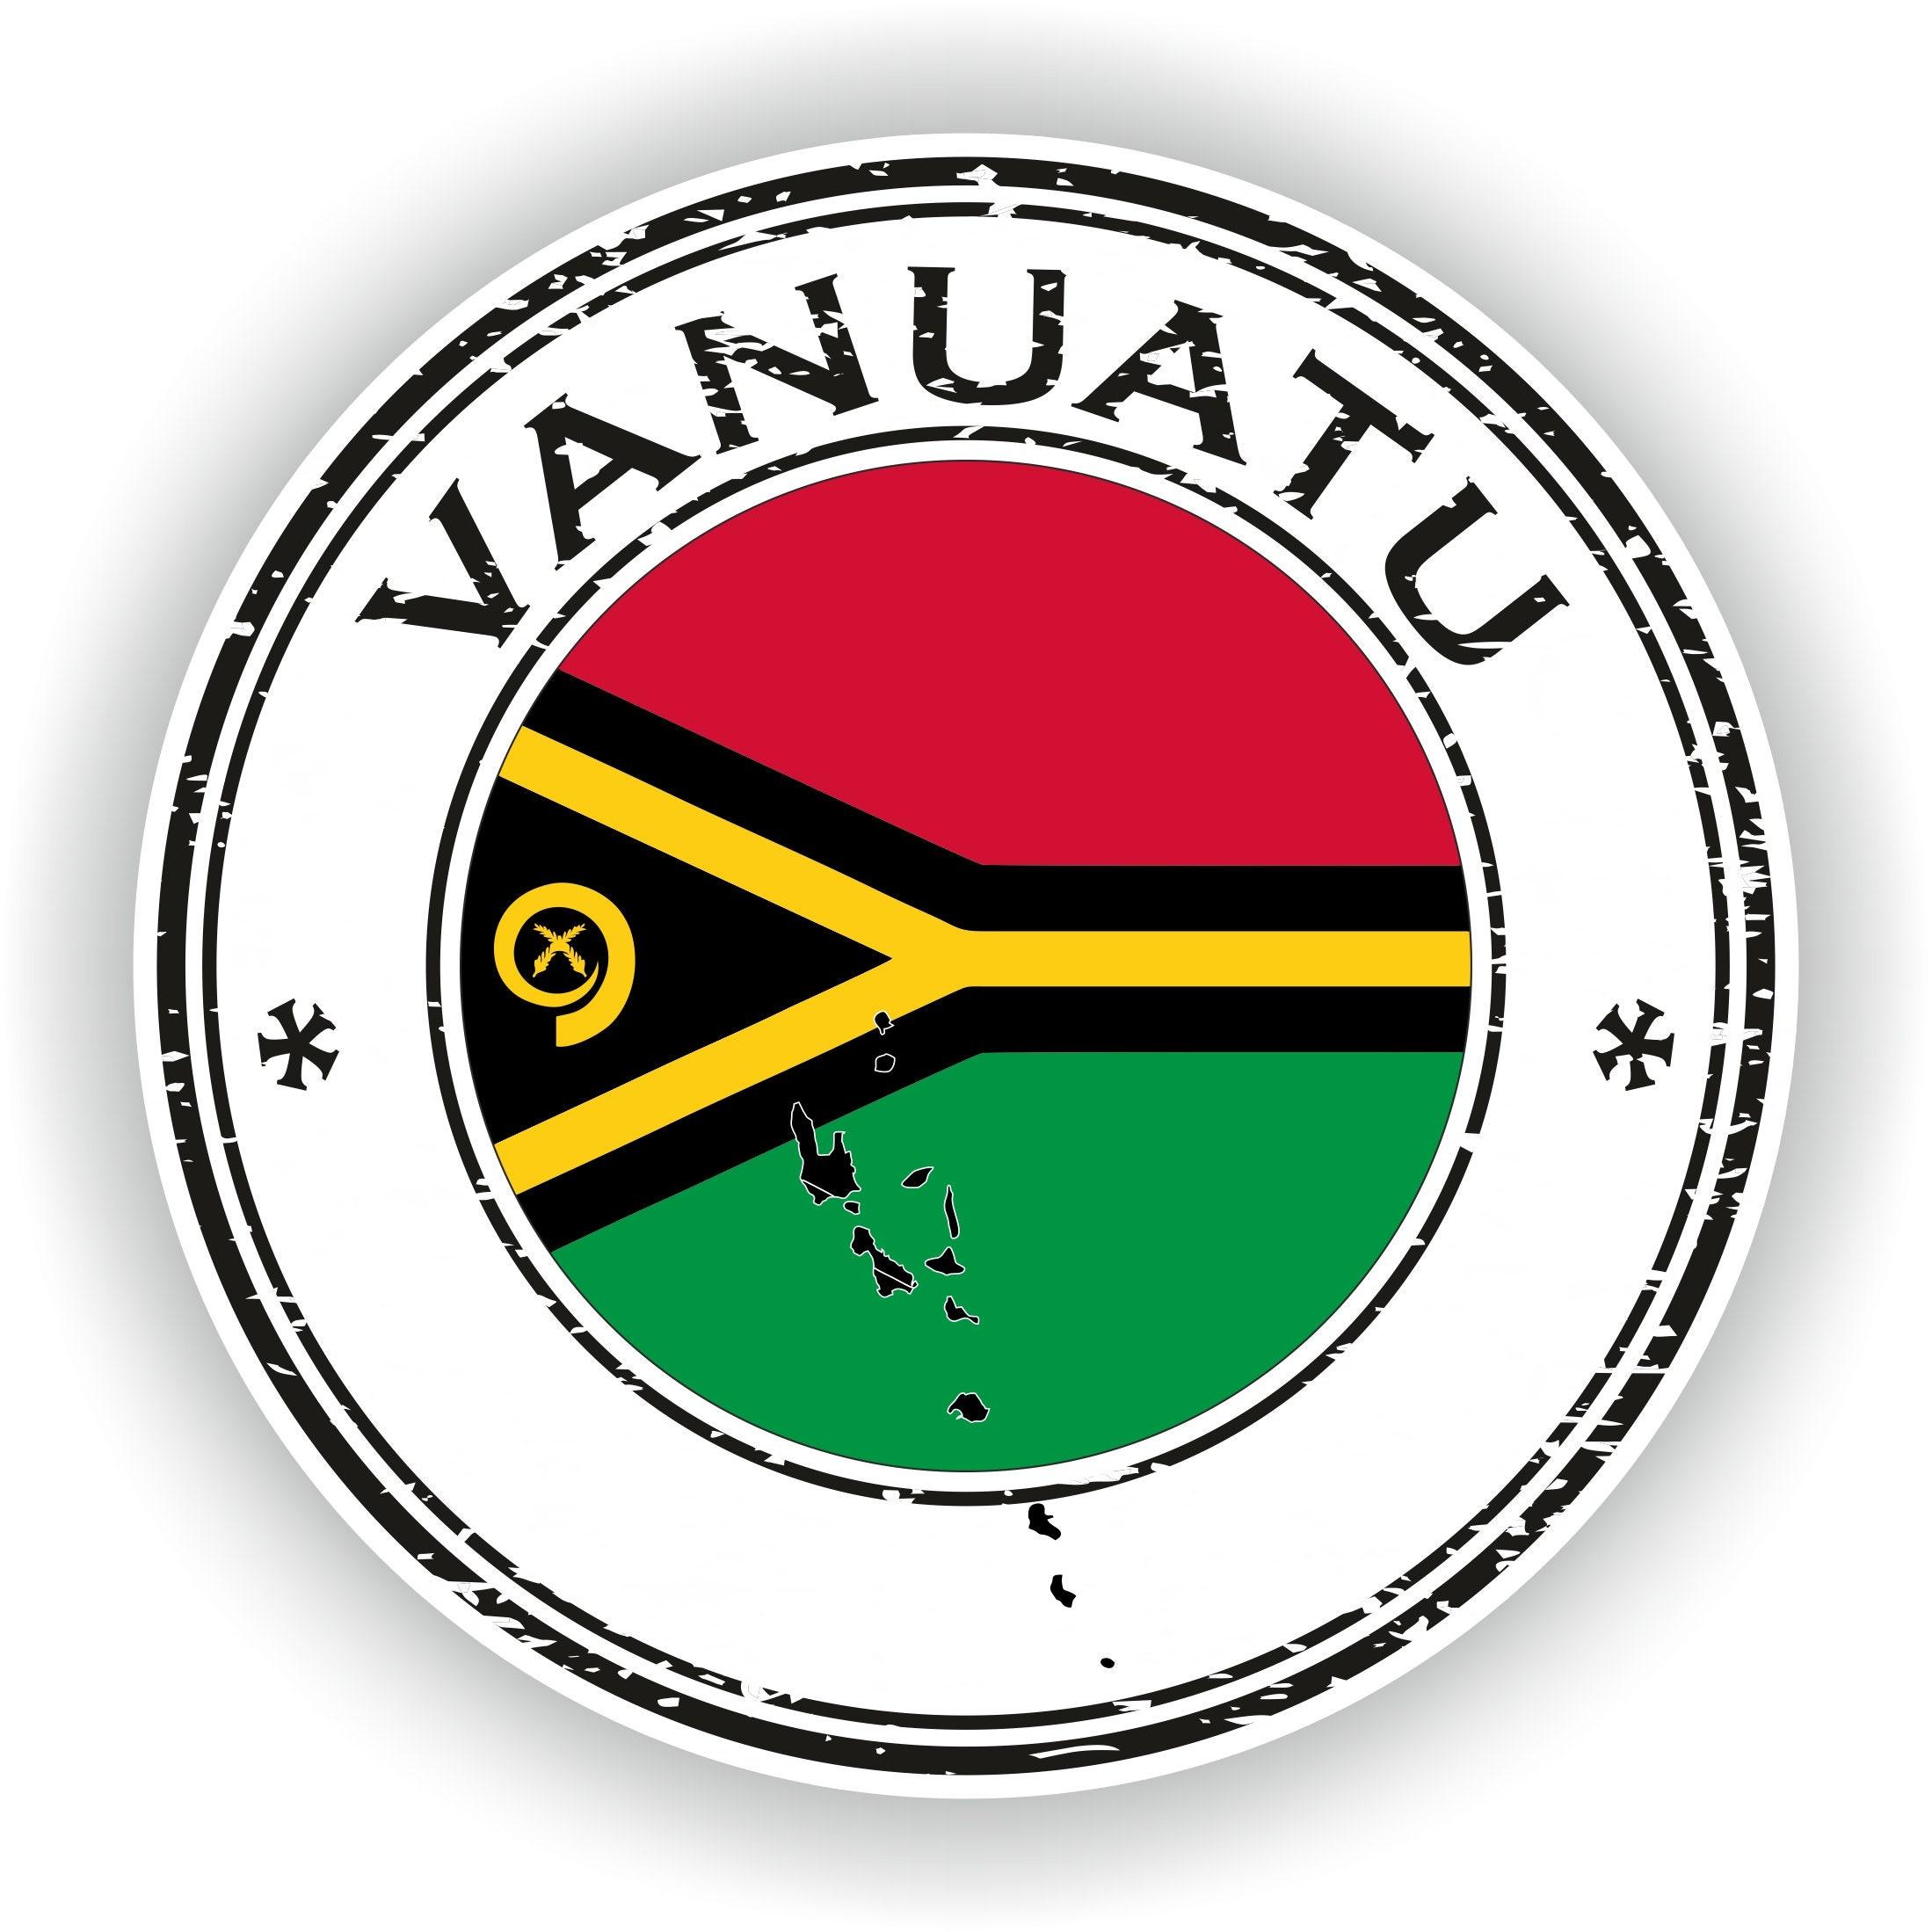 Vanuatu Seal Sticker Round Flag for Laptop Book Fridge ...